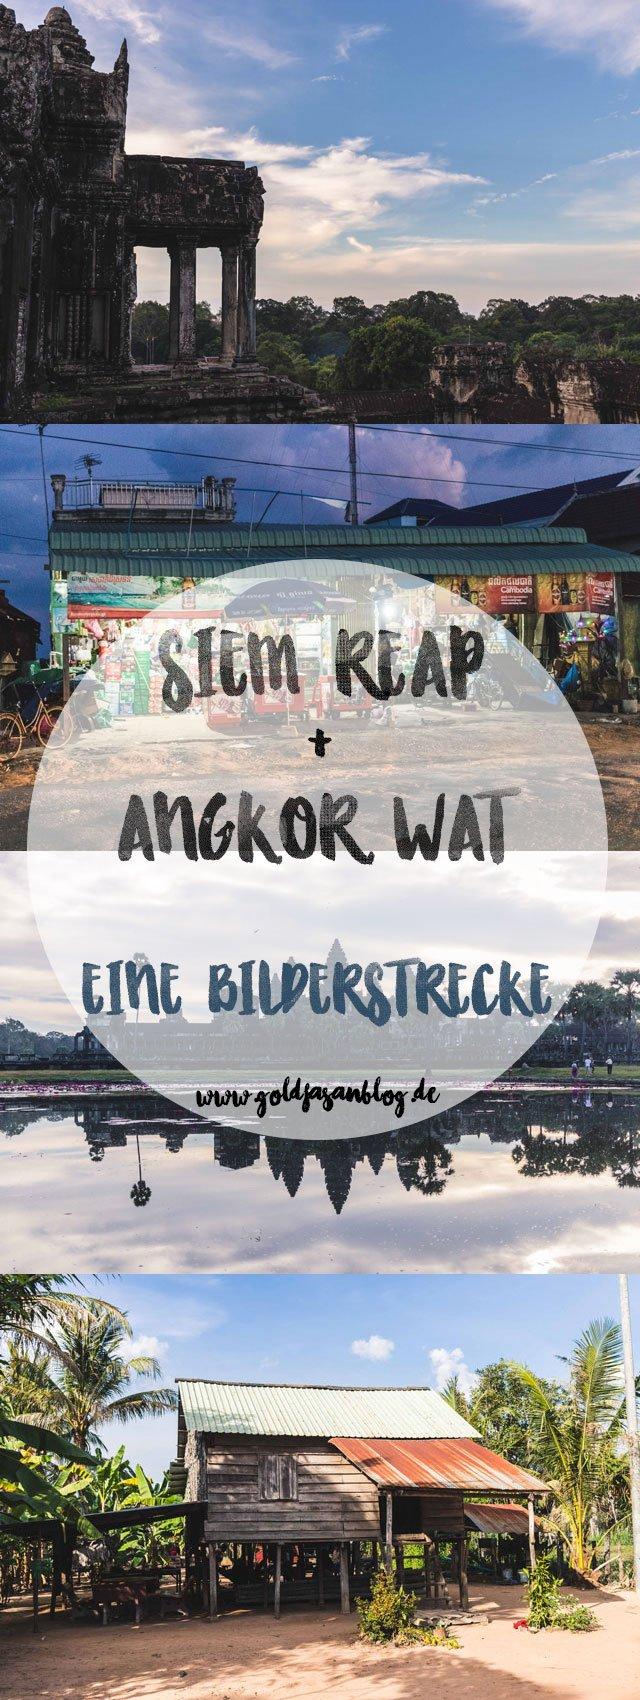 Collage mit Bilderstrecke zu Siem Reap und Angkor Wat, Kambodscha